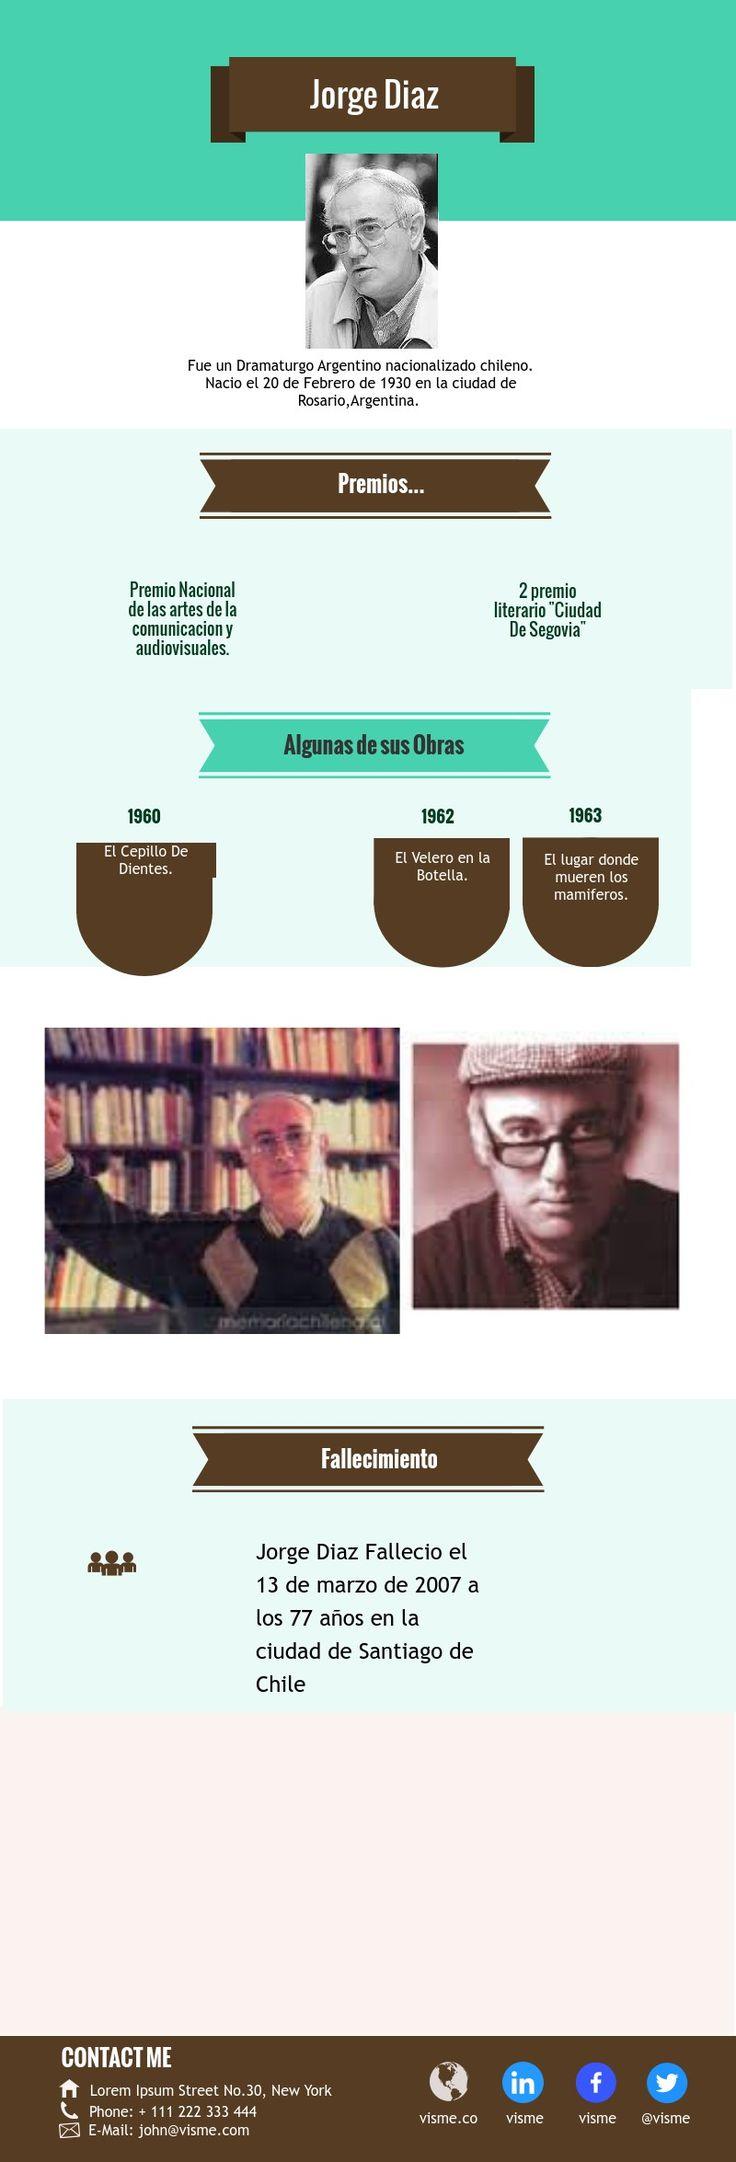 Infografia de Jorge Diaz